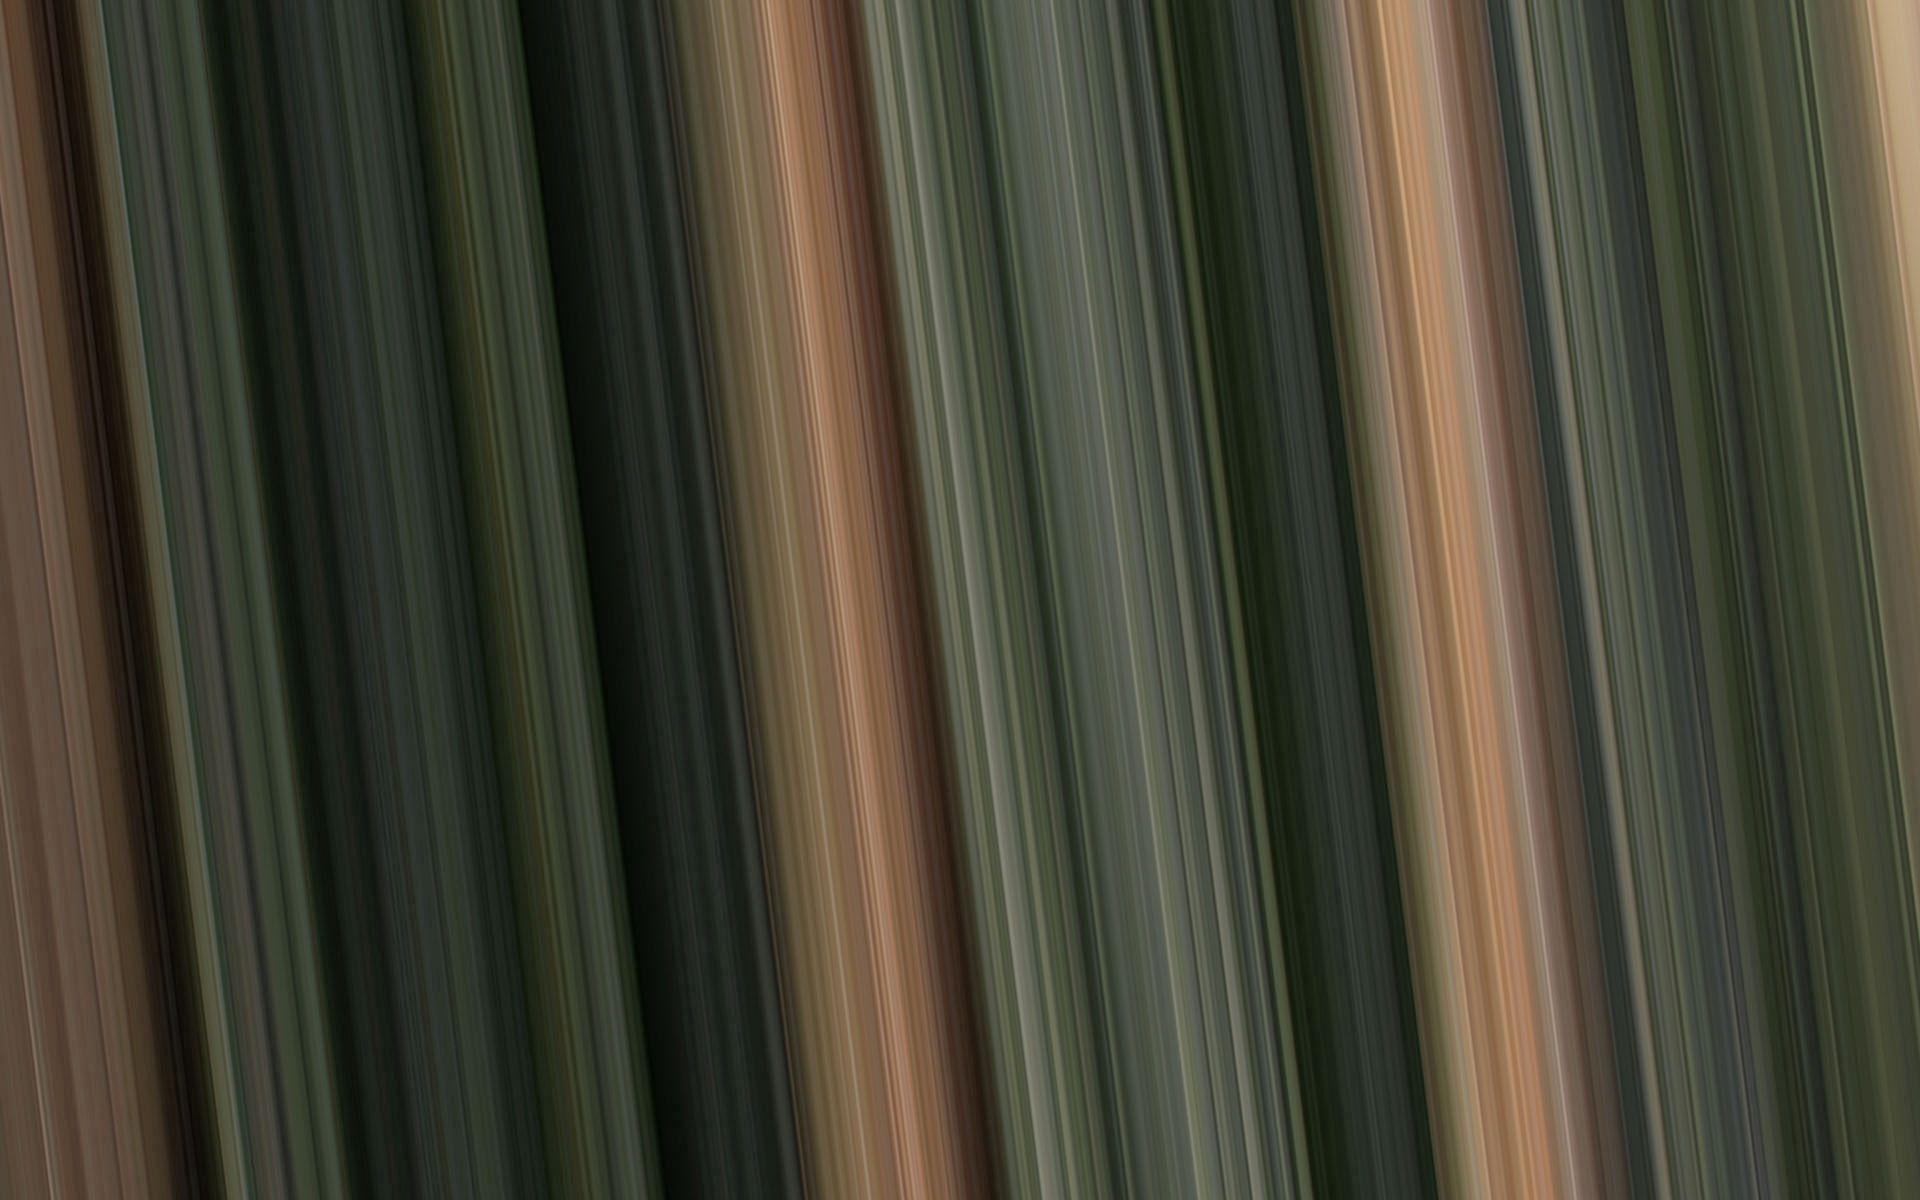 123523 скачать обои Абстракция, Линии, Вертикальный, Темный, Коричневый - заставки и картинки бесплатно